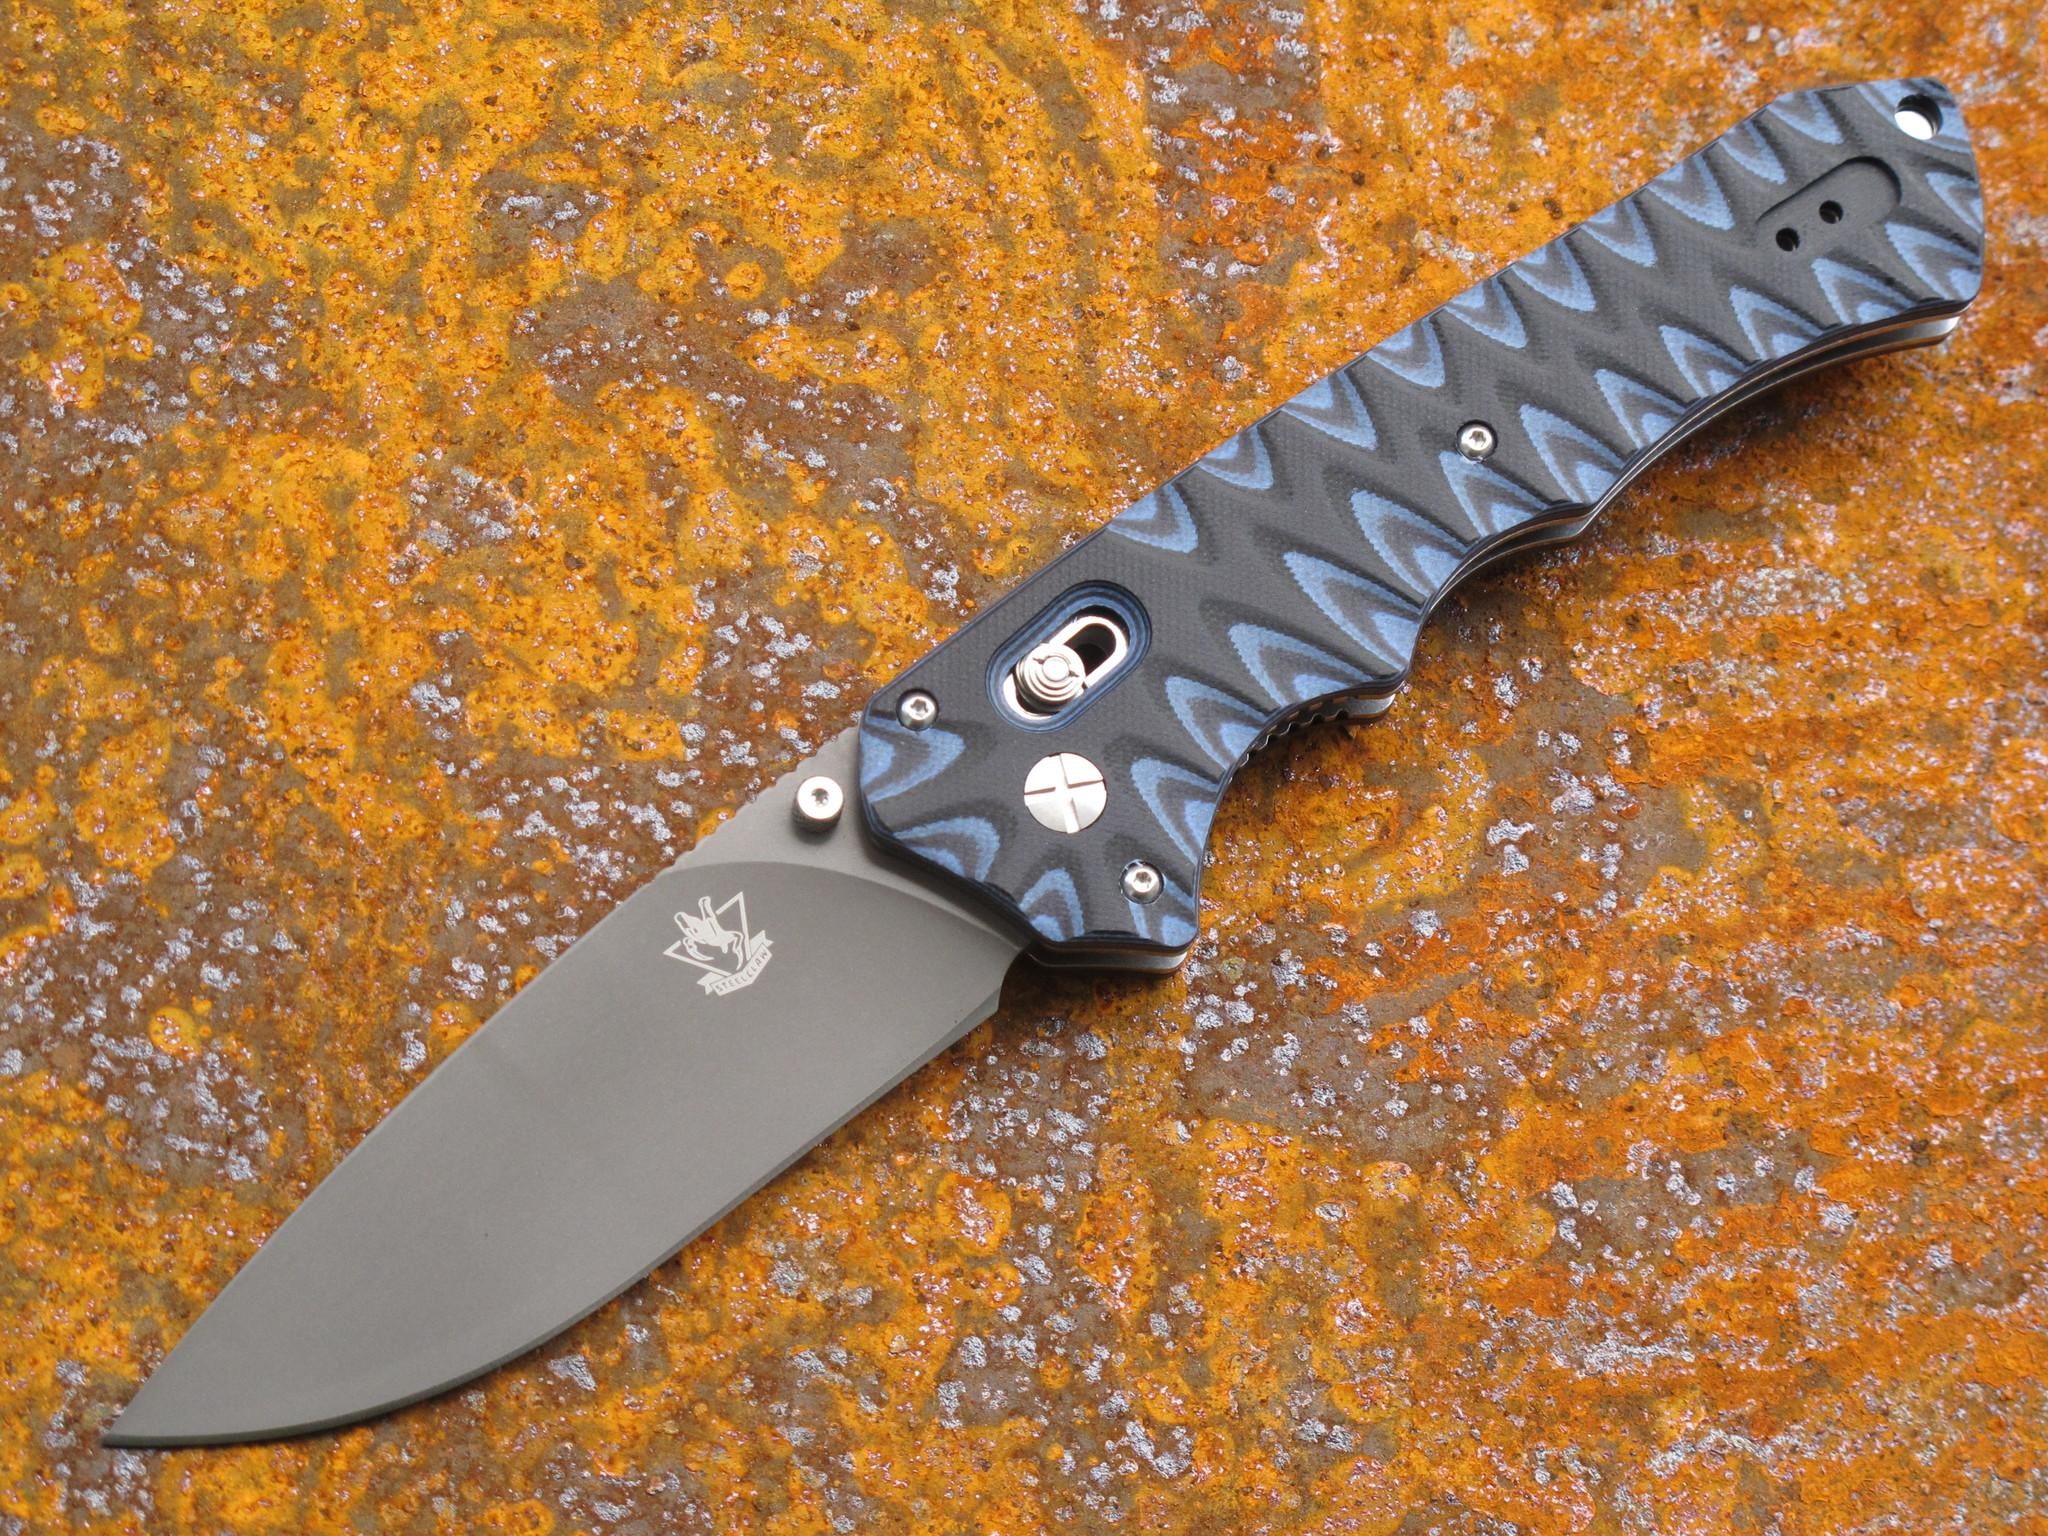 Складной нож Steelclaw ПрестижРаскладные ножи<br>Практичная и удобная модель, которая разработана для использования в качестве EDC-ножа. Здесь много удобных и продуманных деталей. Благодаря рифленой рукояти, нож удобно удерживается любой рукой. В процессе работы вы получаете приятные тактильные ощущения. Благодаря надежной стальной клипсе, нож удобно носить на поясе или в кармане брюк. Замок «аксис-лок» работает четко, безотказно и надежно фиксирует клинок в раскрытом положении. Геометрия ножа подходит для выполнения большинства задач. Ножом удобно резать и колоть. Высокие спуски обеспечивают максимально острую режущую кромку.<br>марка стали:9Cr18MoVдлина общая: 235мм,длина клинка :100мм, толщина клинка: 4ммматериал рукояти:G10тип замка:Axis lockтвердость:57- 58 HRC<br>